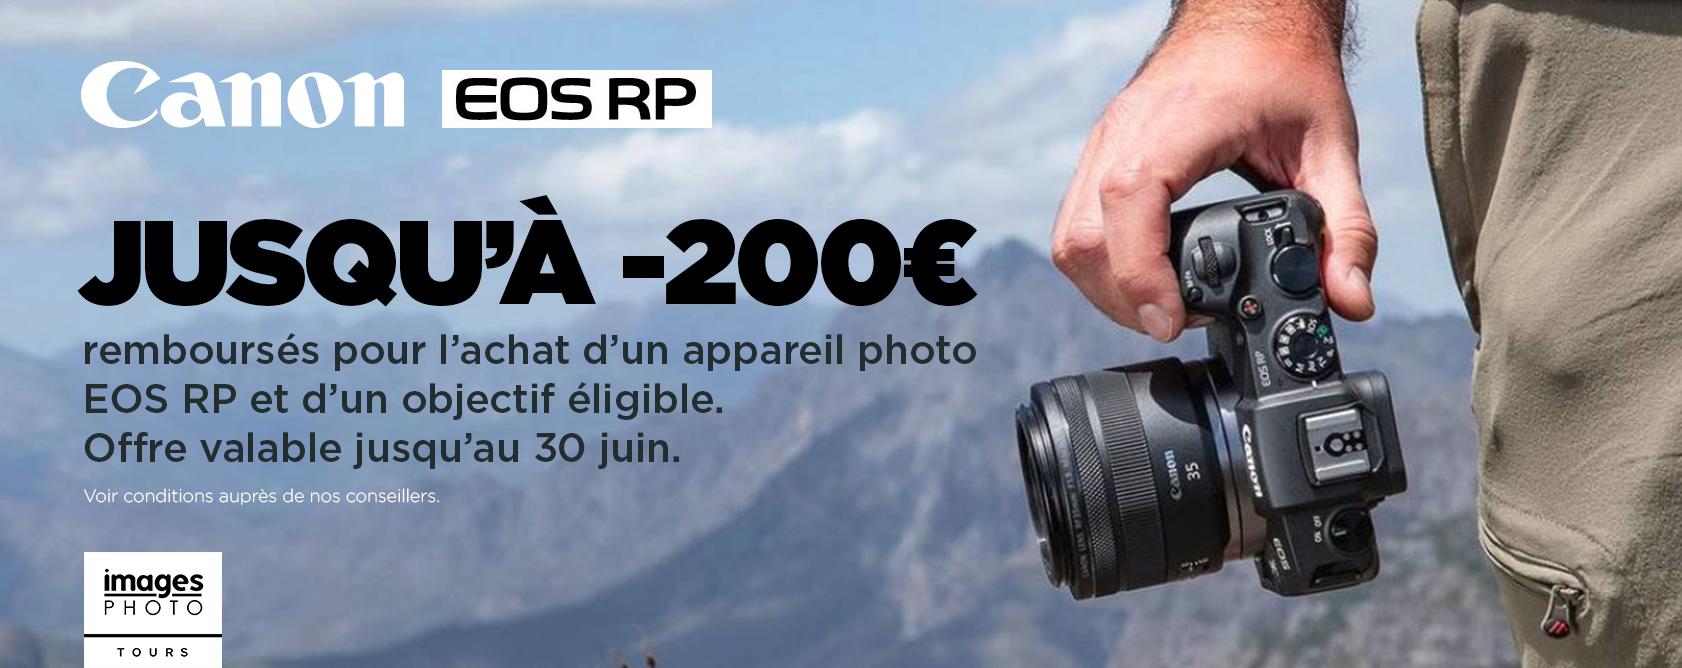 Canon EOS RP - 30 juin 2019